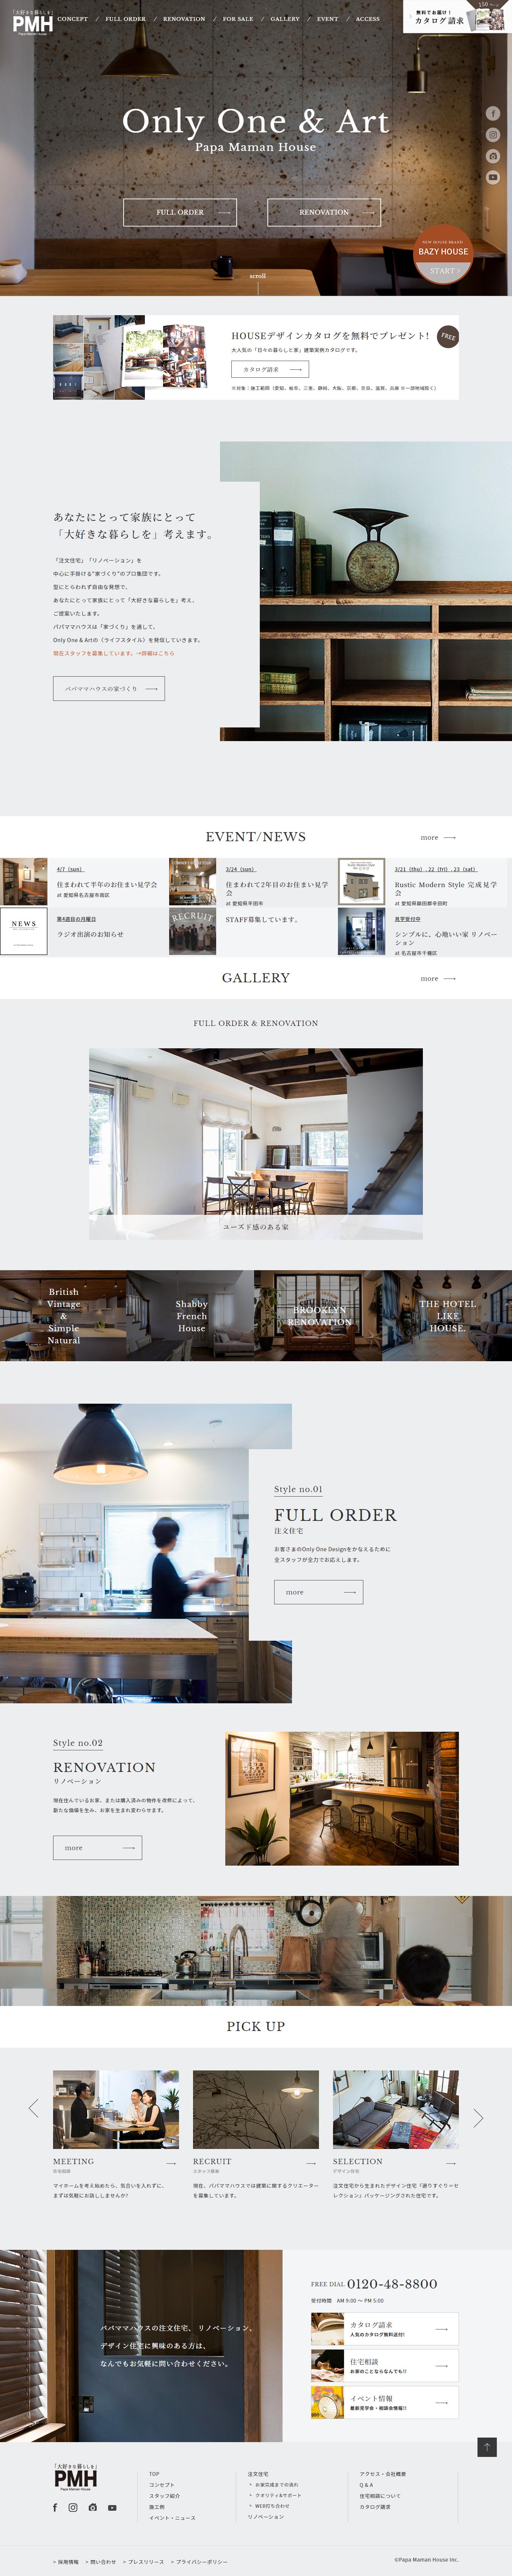 制作実績 ホームページ制作会社のエムハンド 大阪 Wordpress デザイン Lp デザイン ウェブデザイン